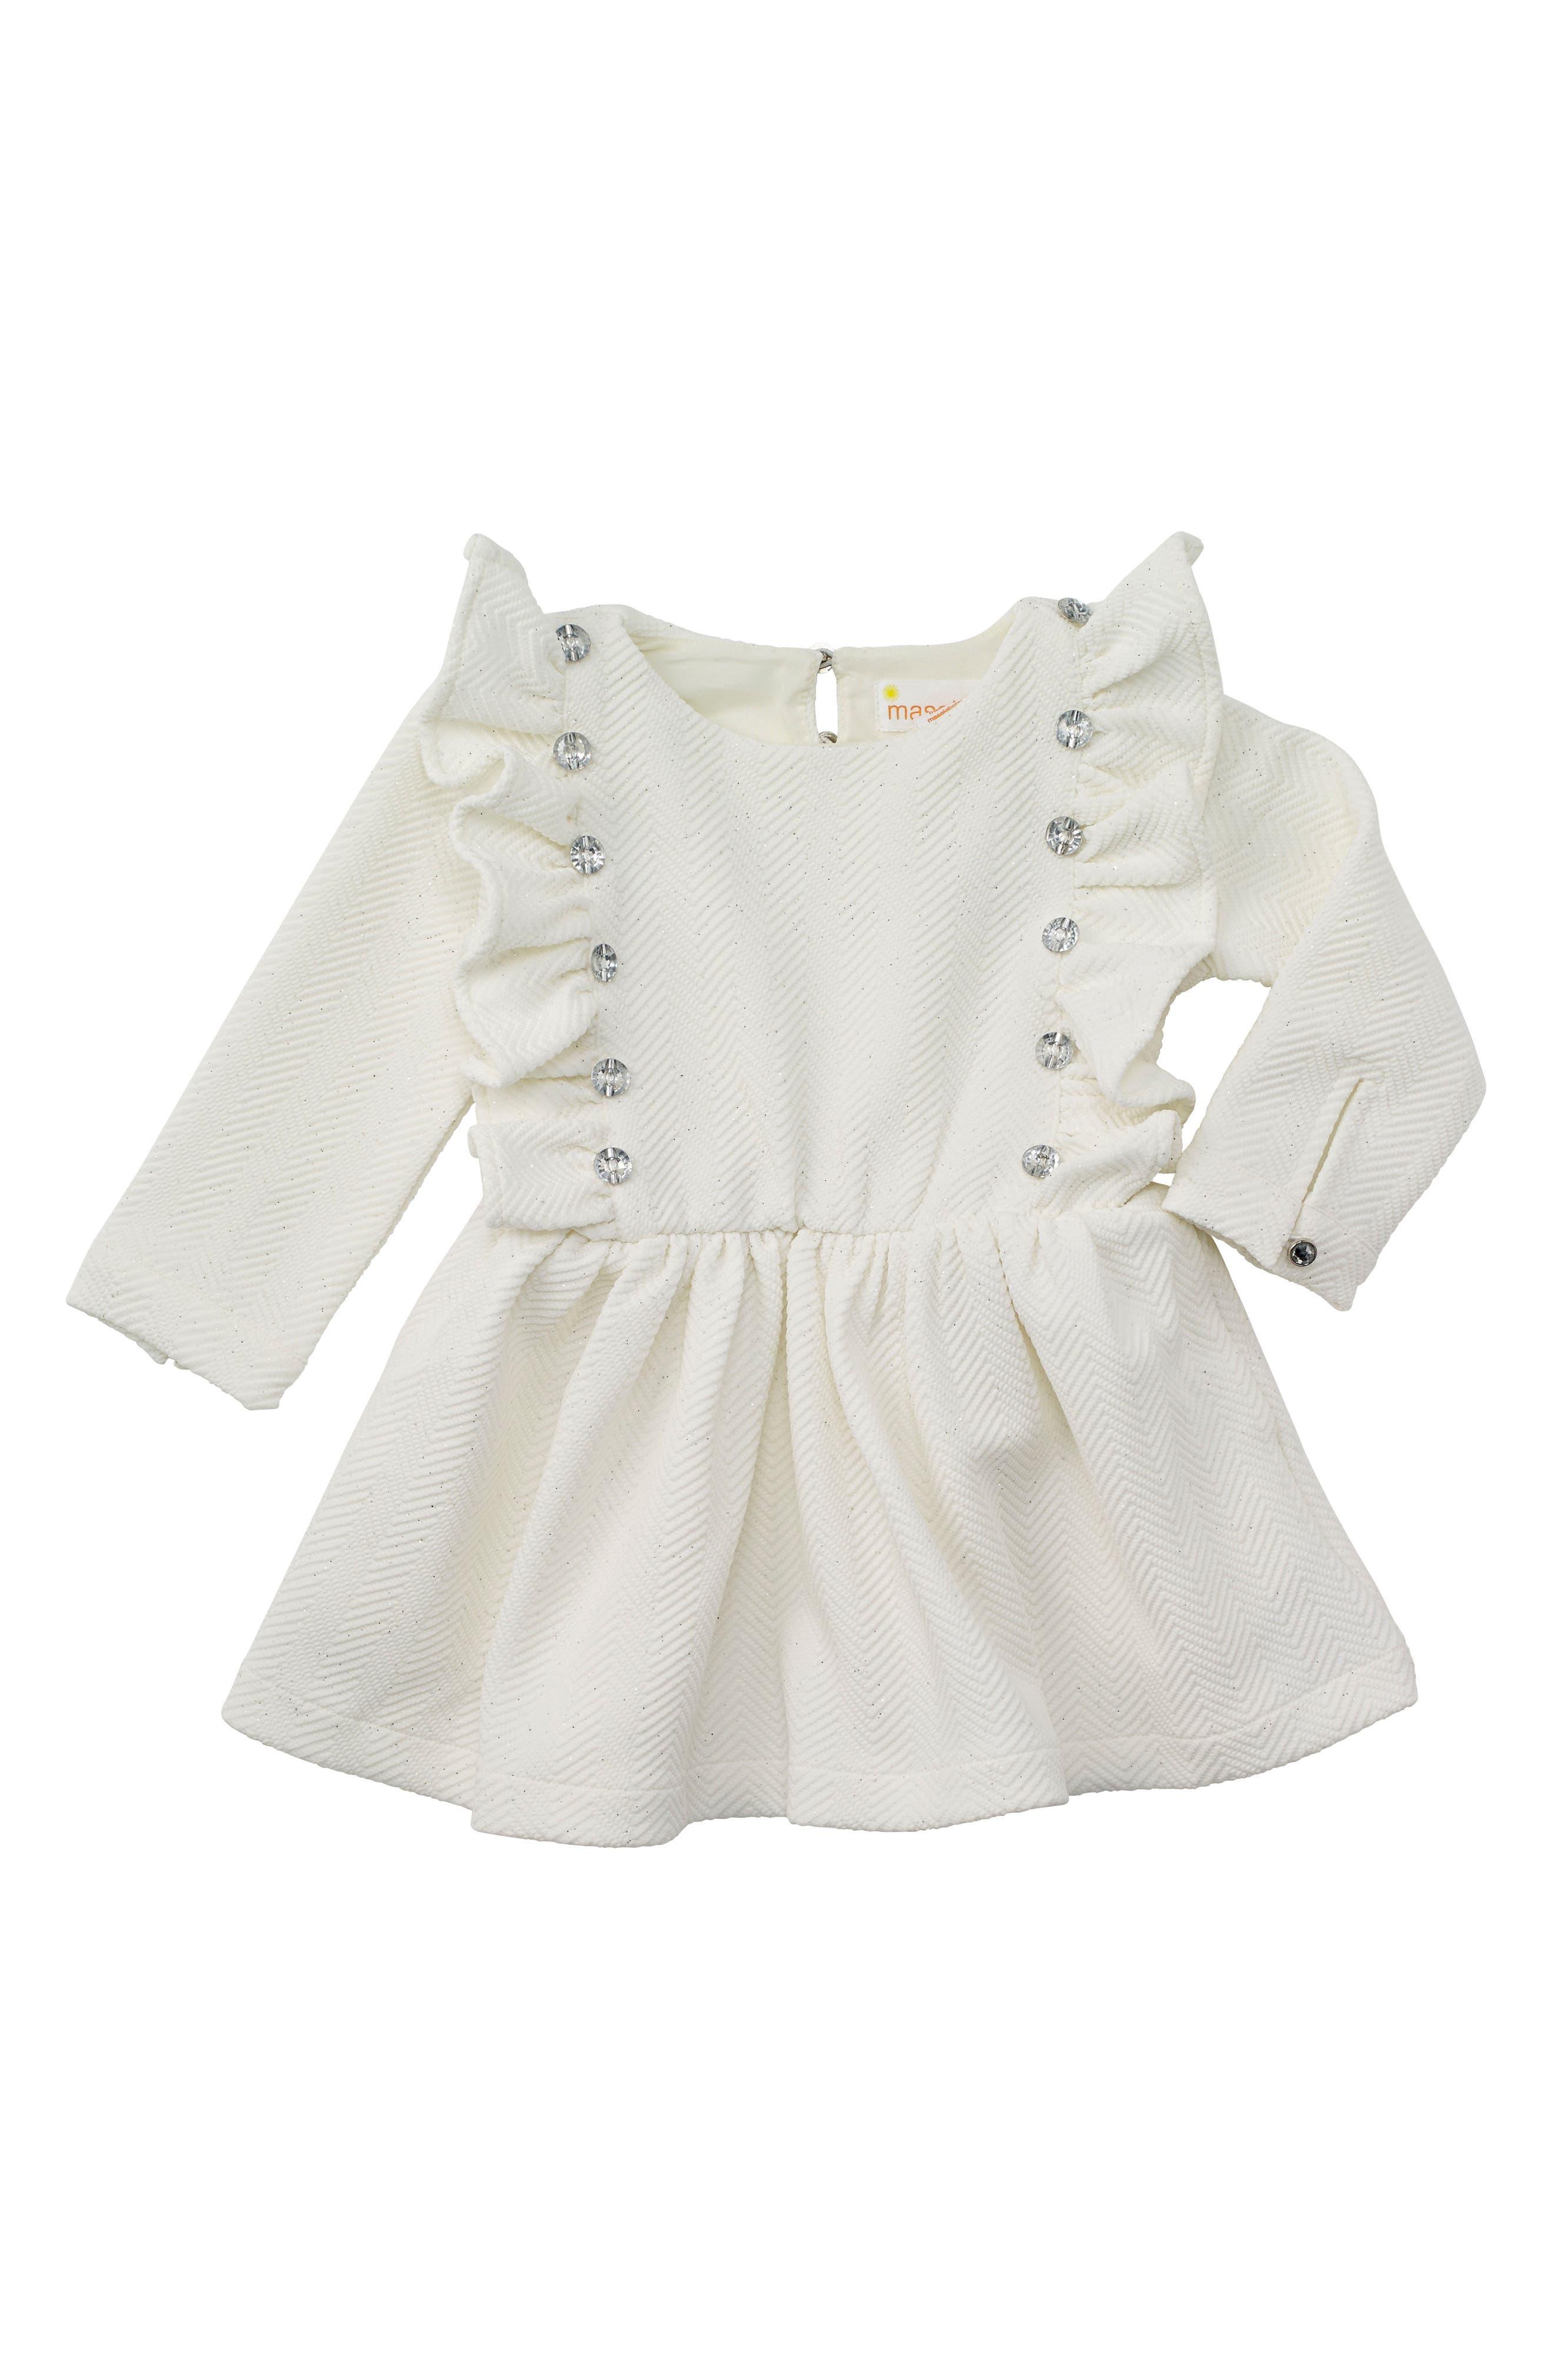 Main Image - Masalababy Fantasia Dress (Baby Girls)